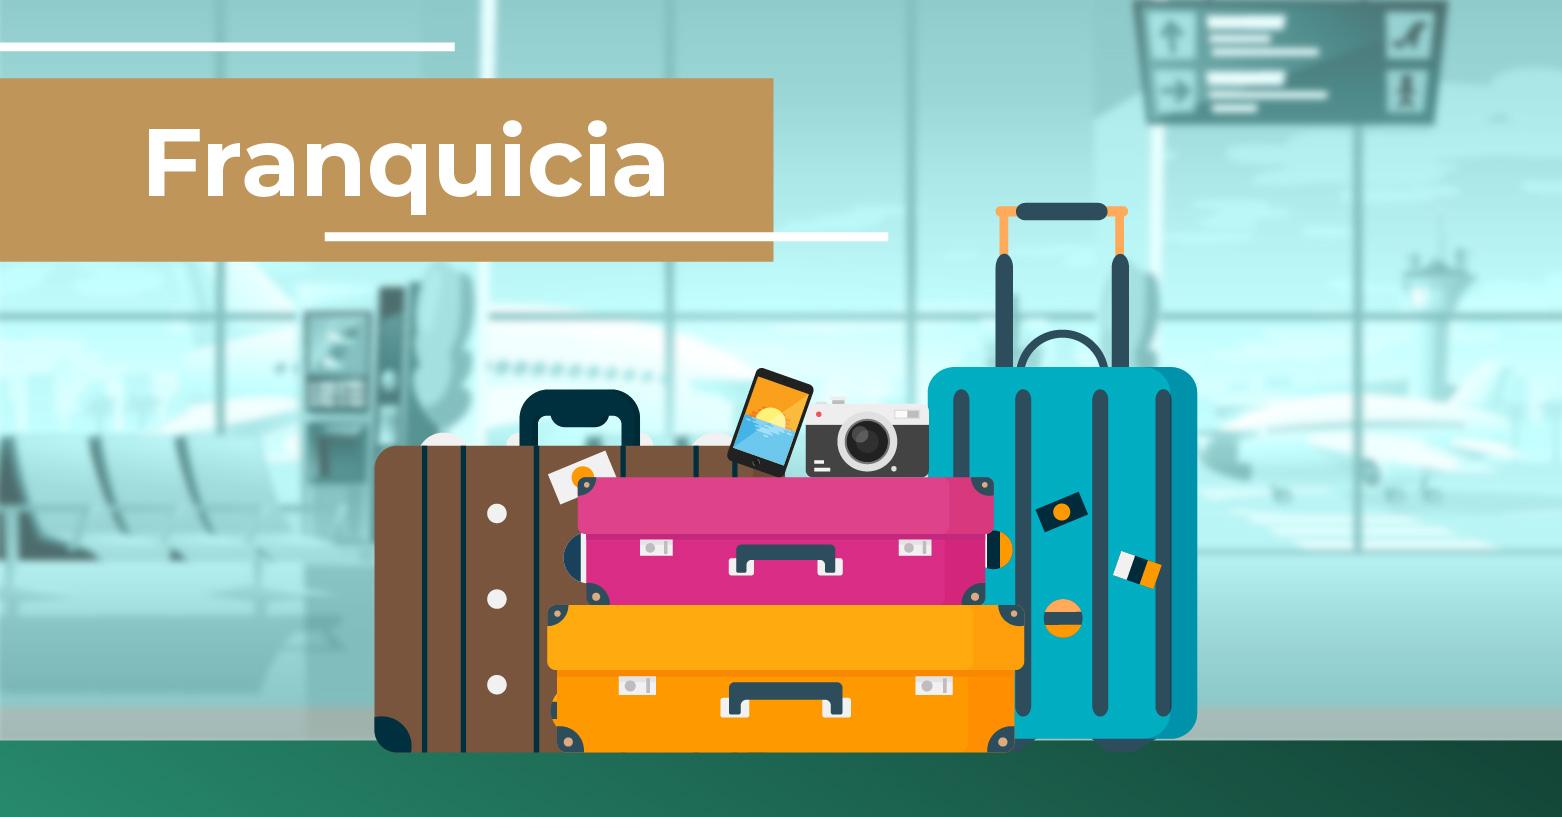 Paisano, ¿visitas México? ¡Aprovecha los beneficios de tu franquicia fiscal!